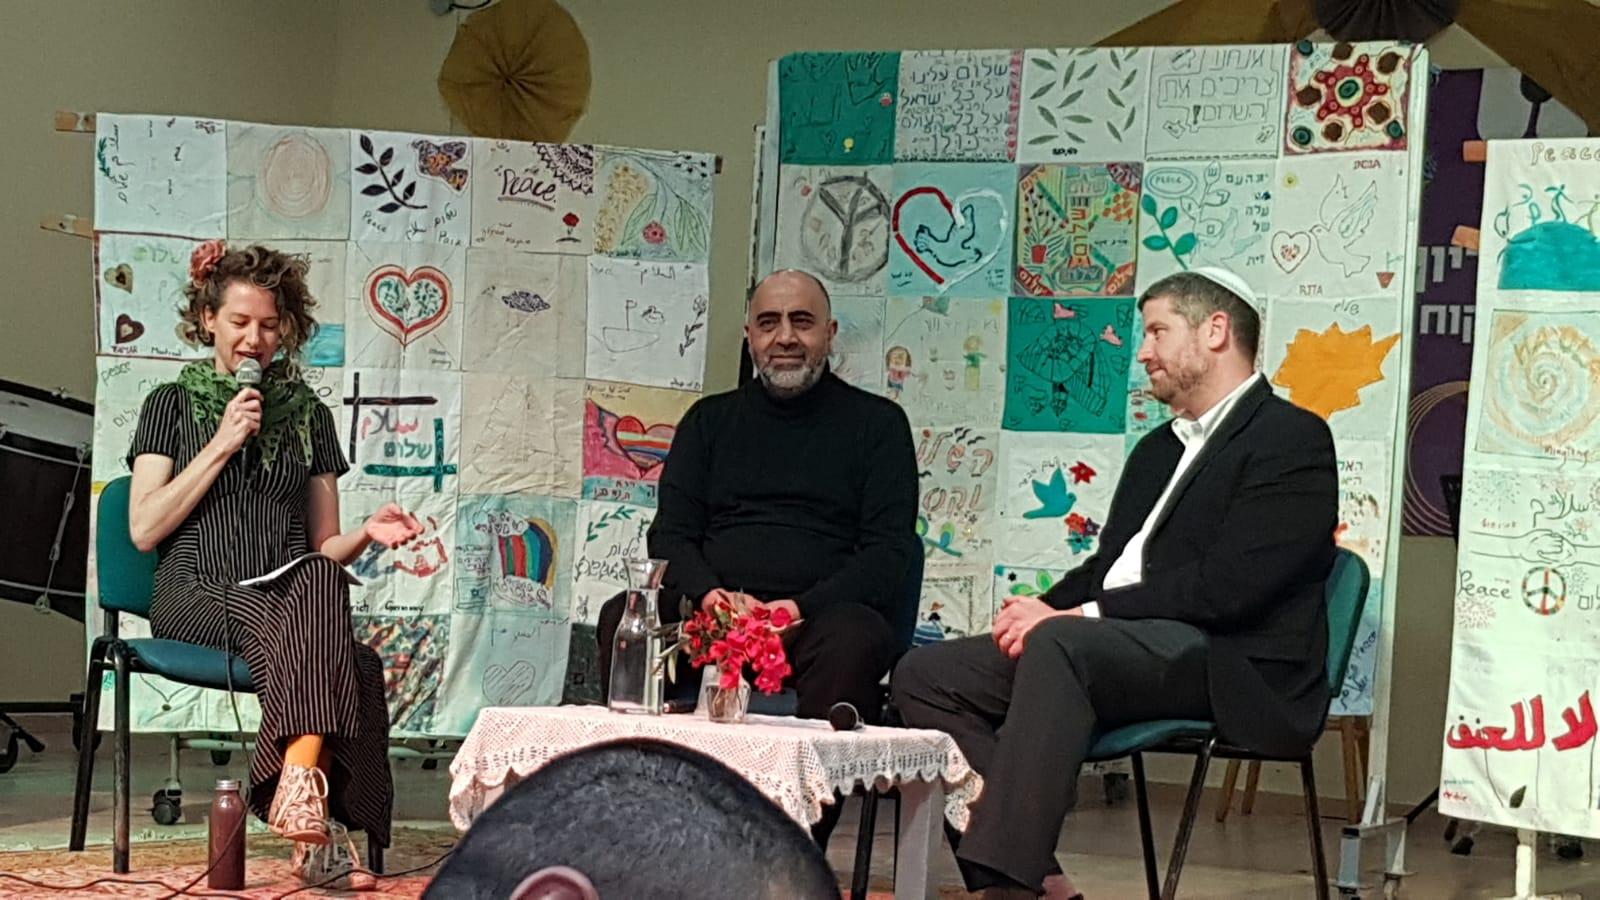 שיח שלום בין נציגי דתות